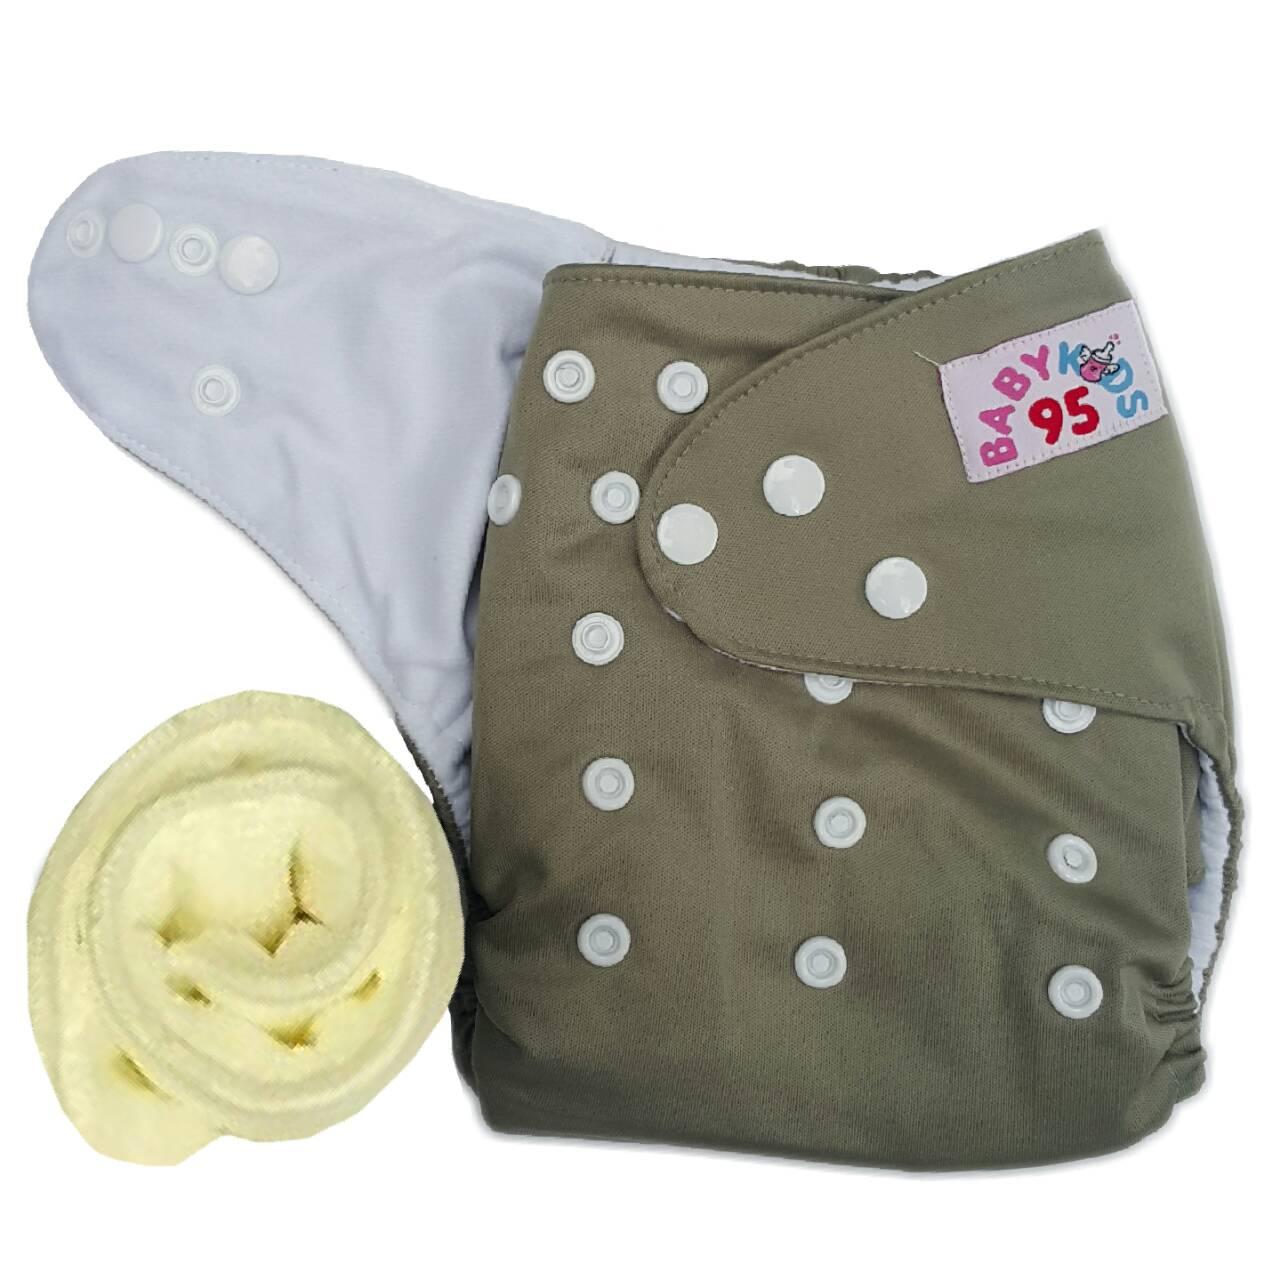 กางเกงผ้าอ้อมกันน้ำ+แผ่นซับไมโครฯหนา3ชั้น Size 3-16 kg.-Gray